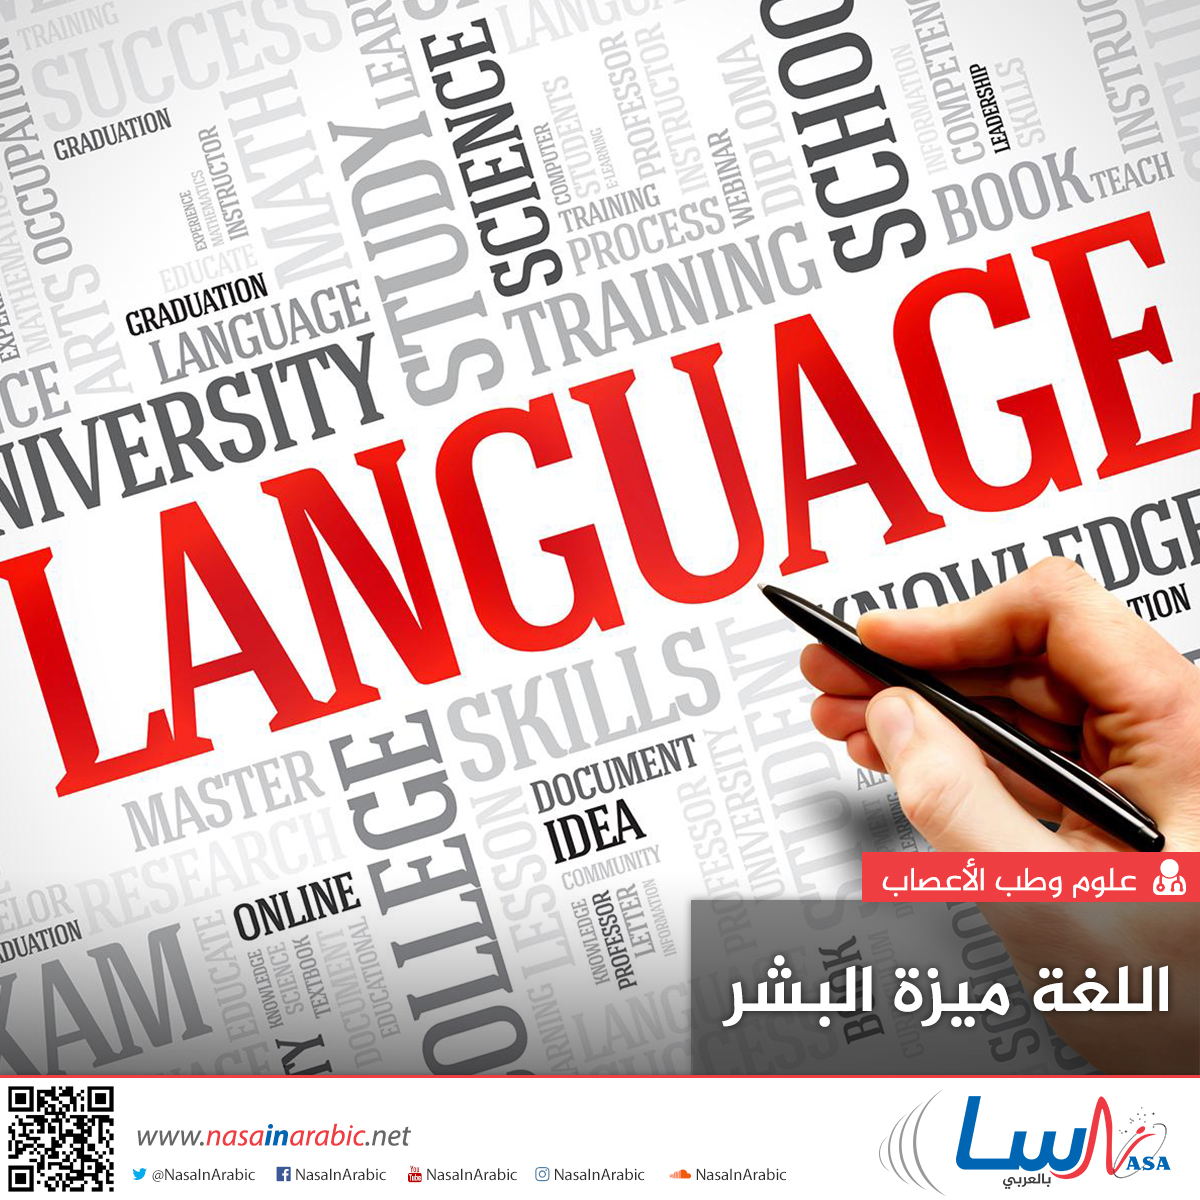 اللغة ميزة البشر